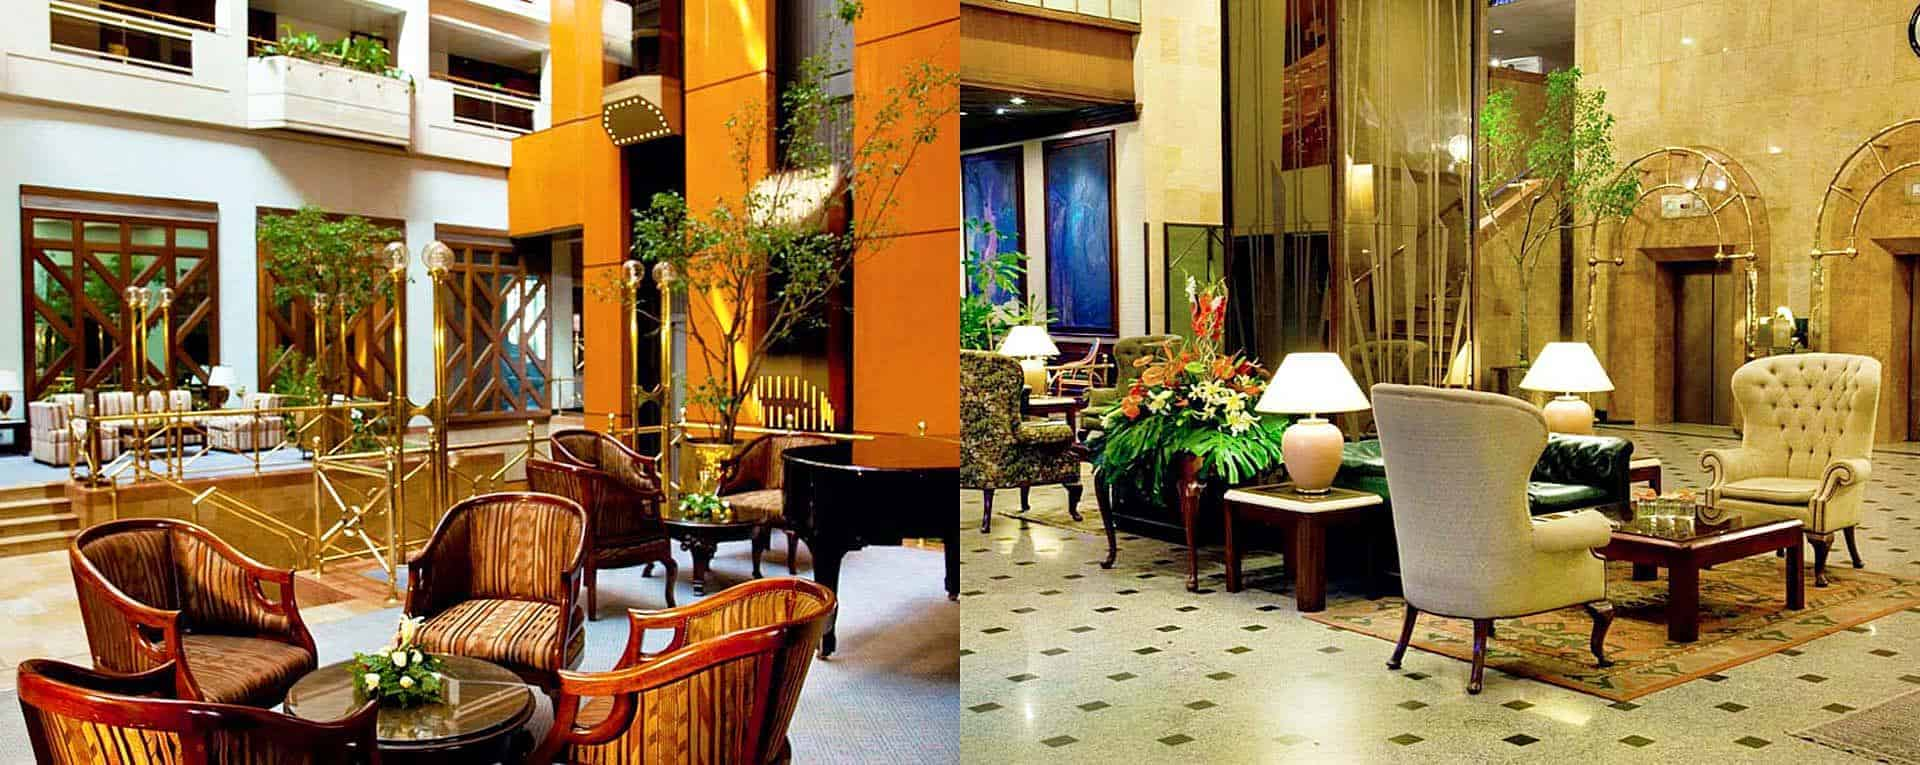 laicoregencyhotel2